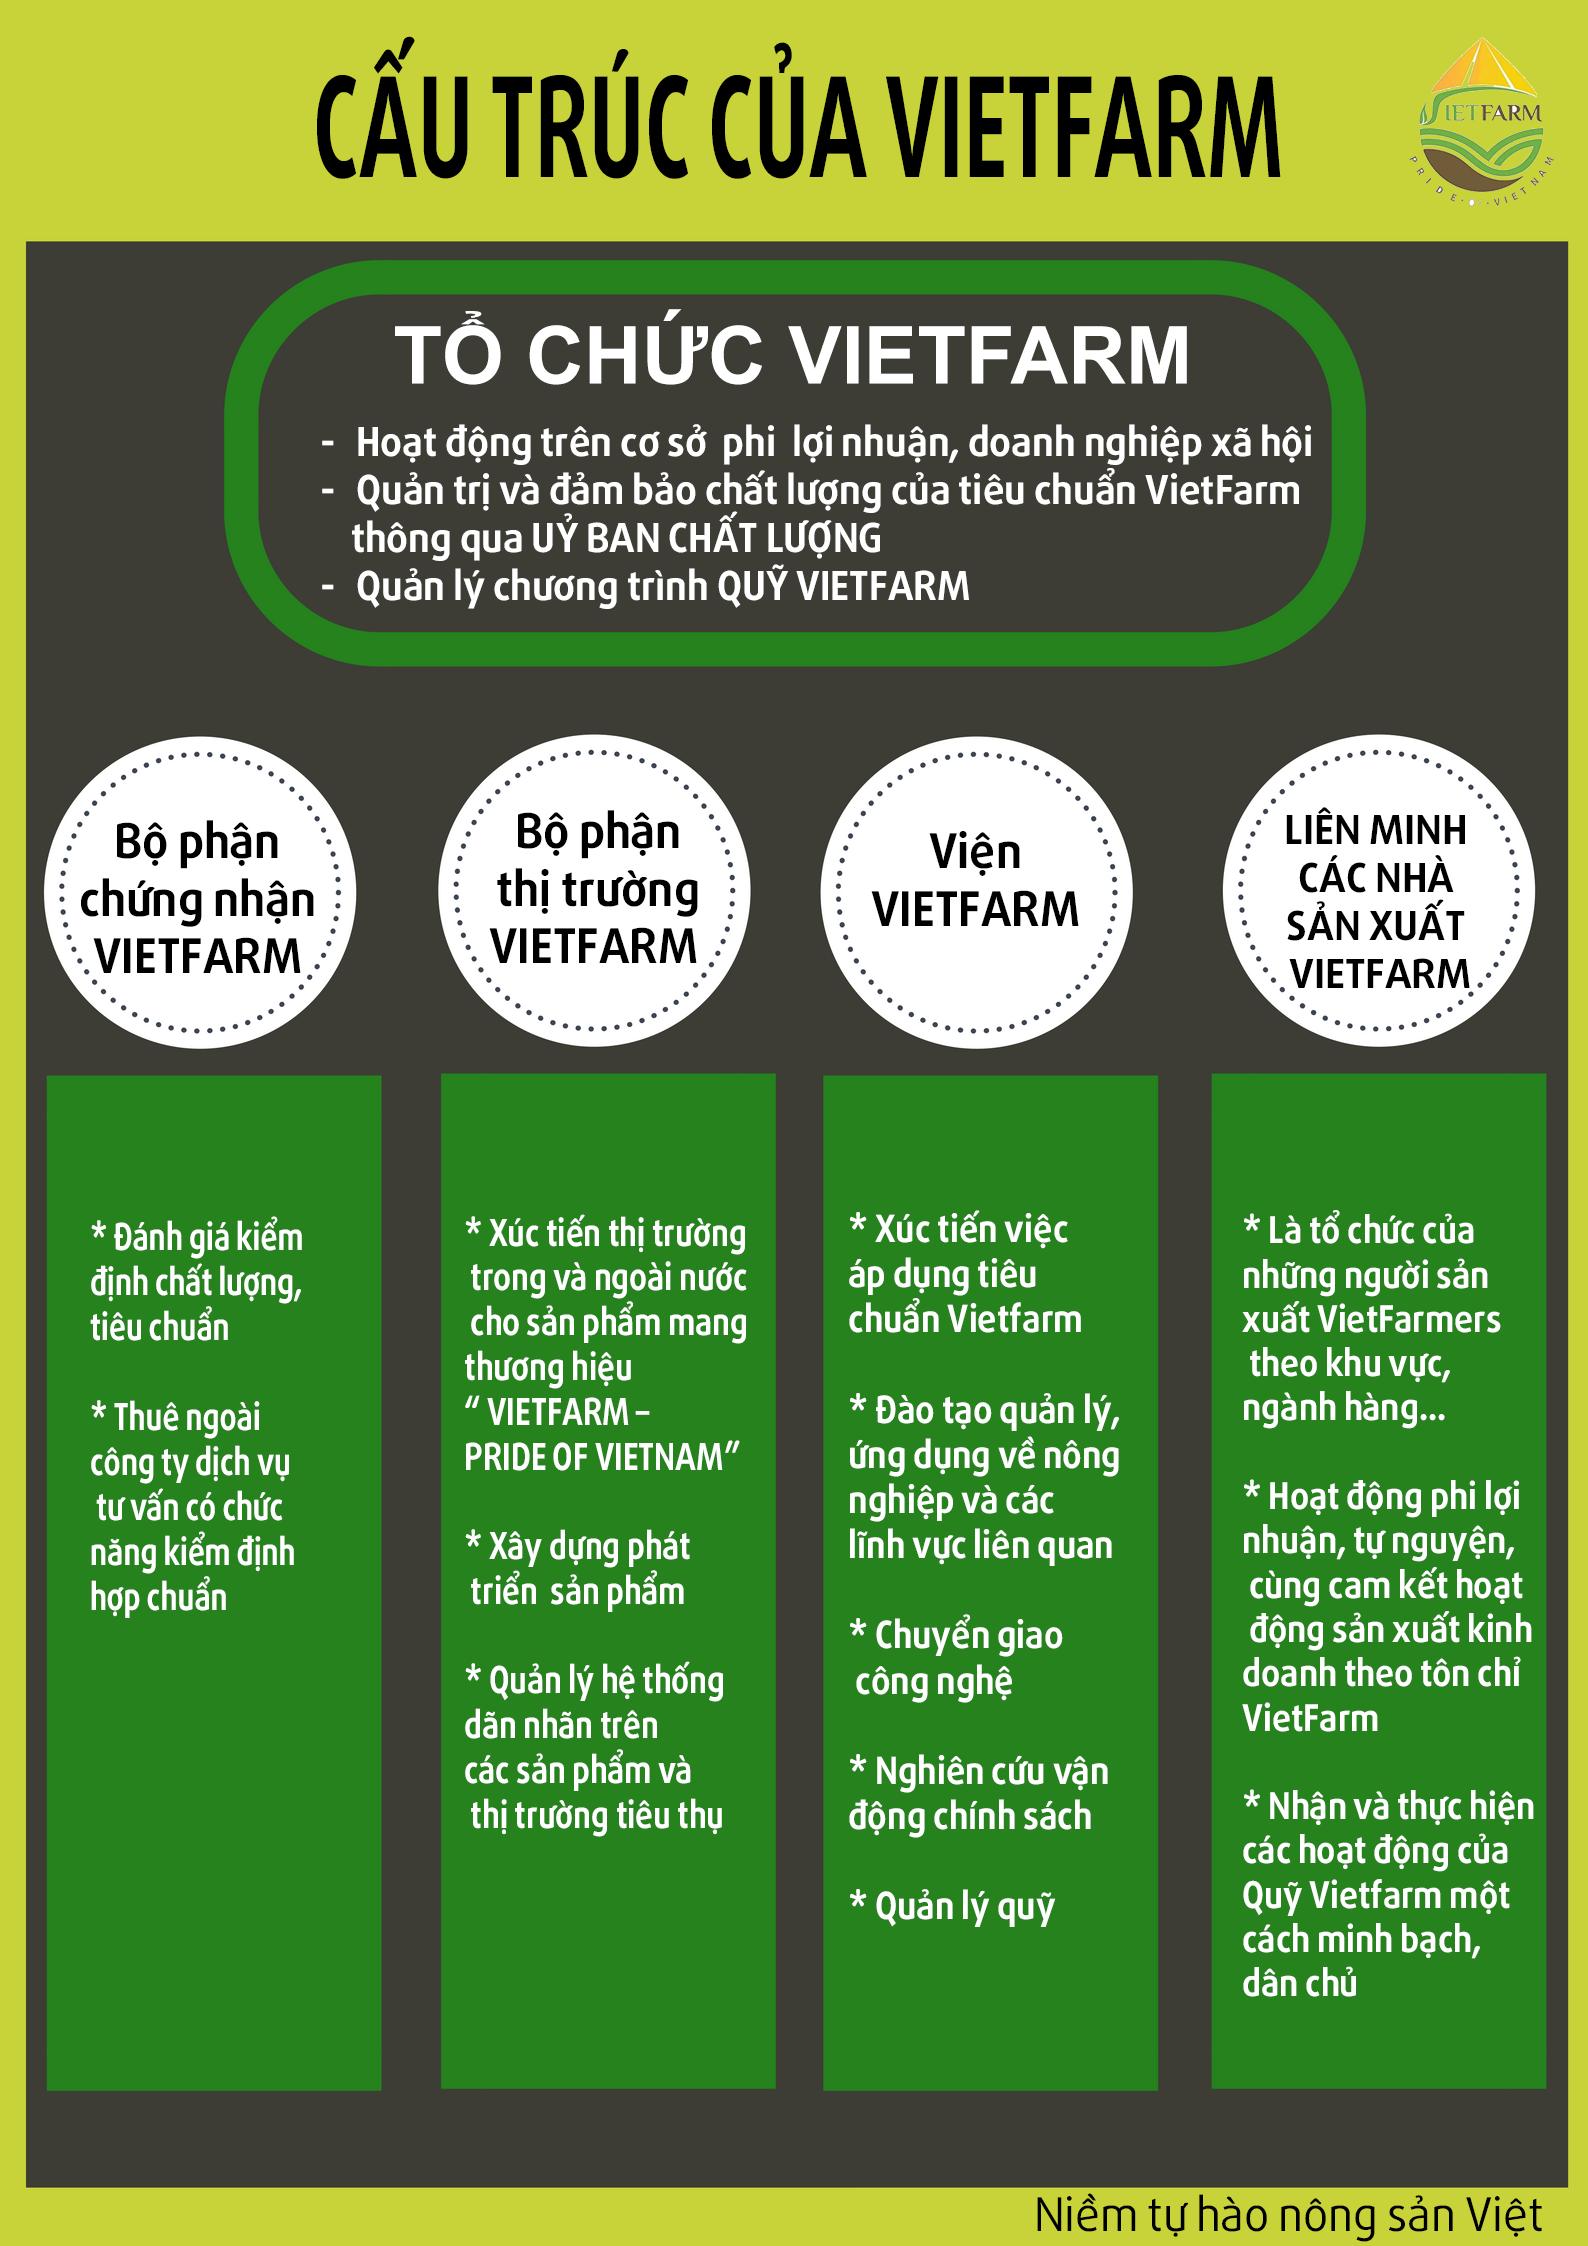 [Hà Nội] Nextfarm triển khai phần mềm quản lý trang trại tích hợp truy xuất nguồn gốc Nextfarm QR Check cho Việt Farm